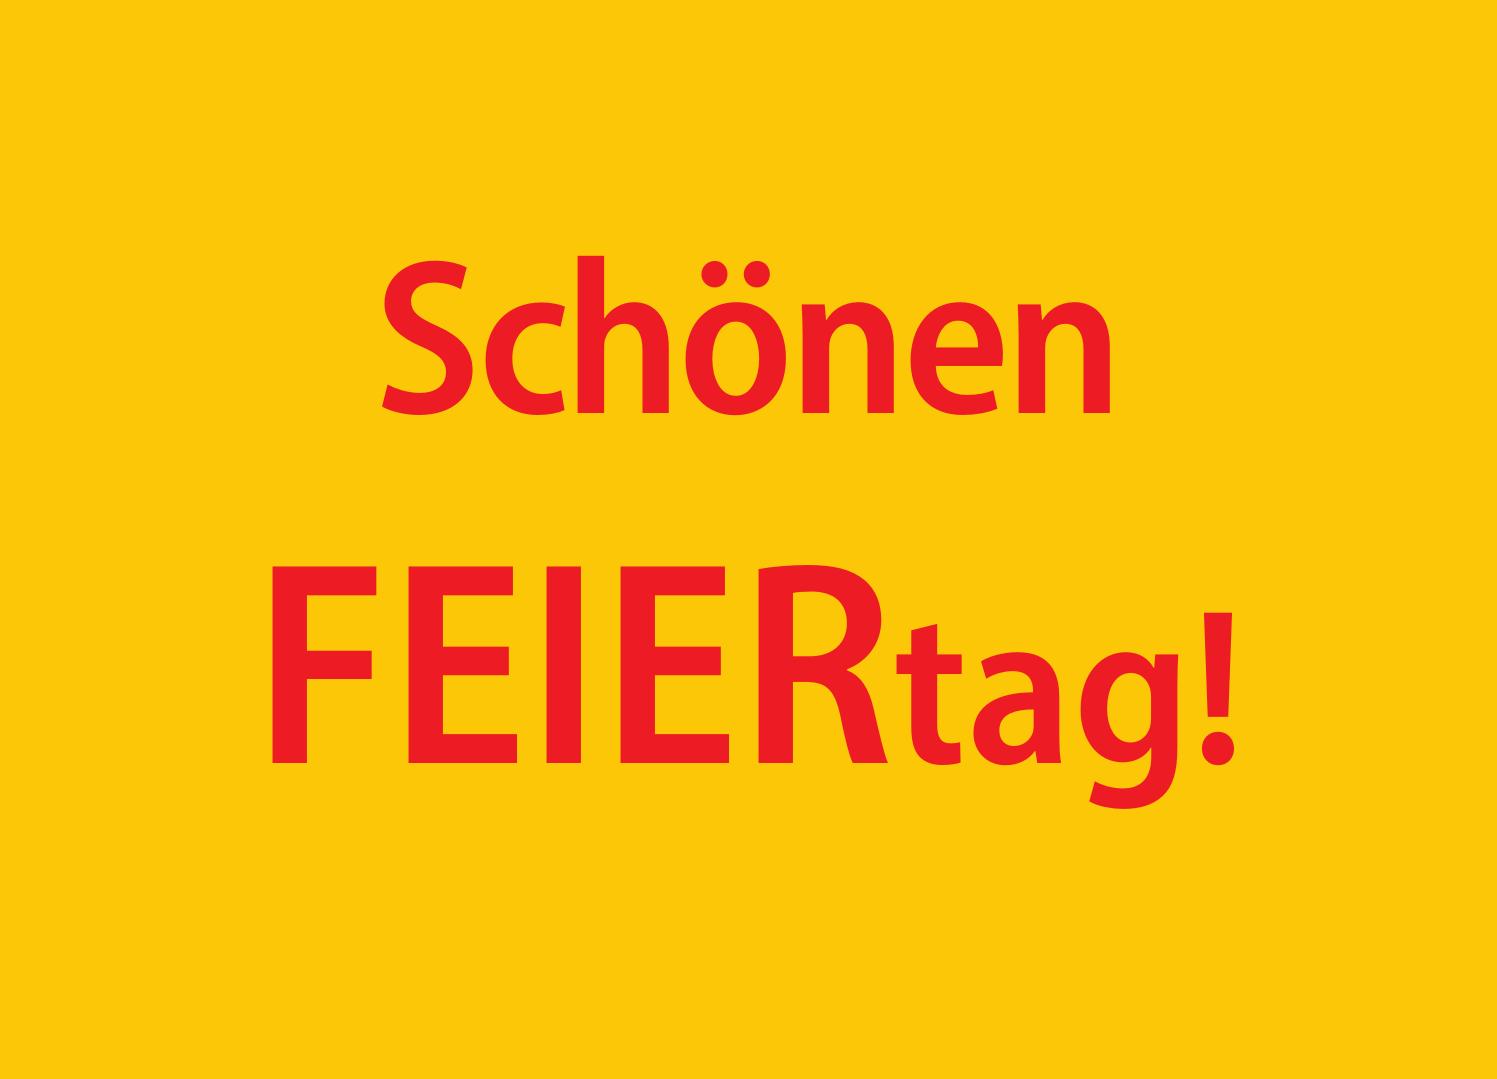 FEIERtag! - KSHG